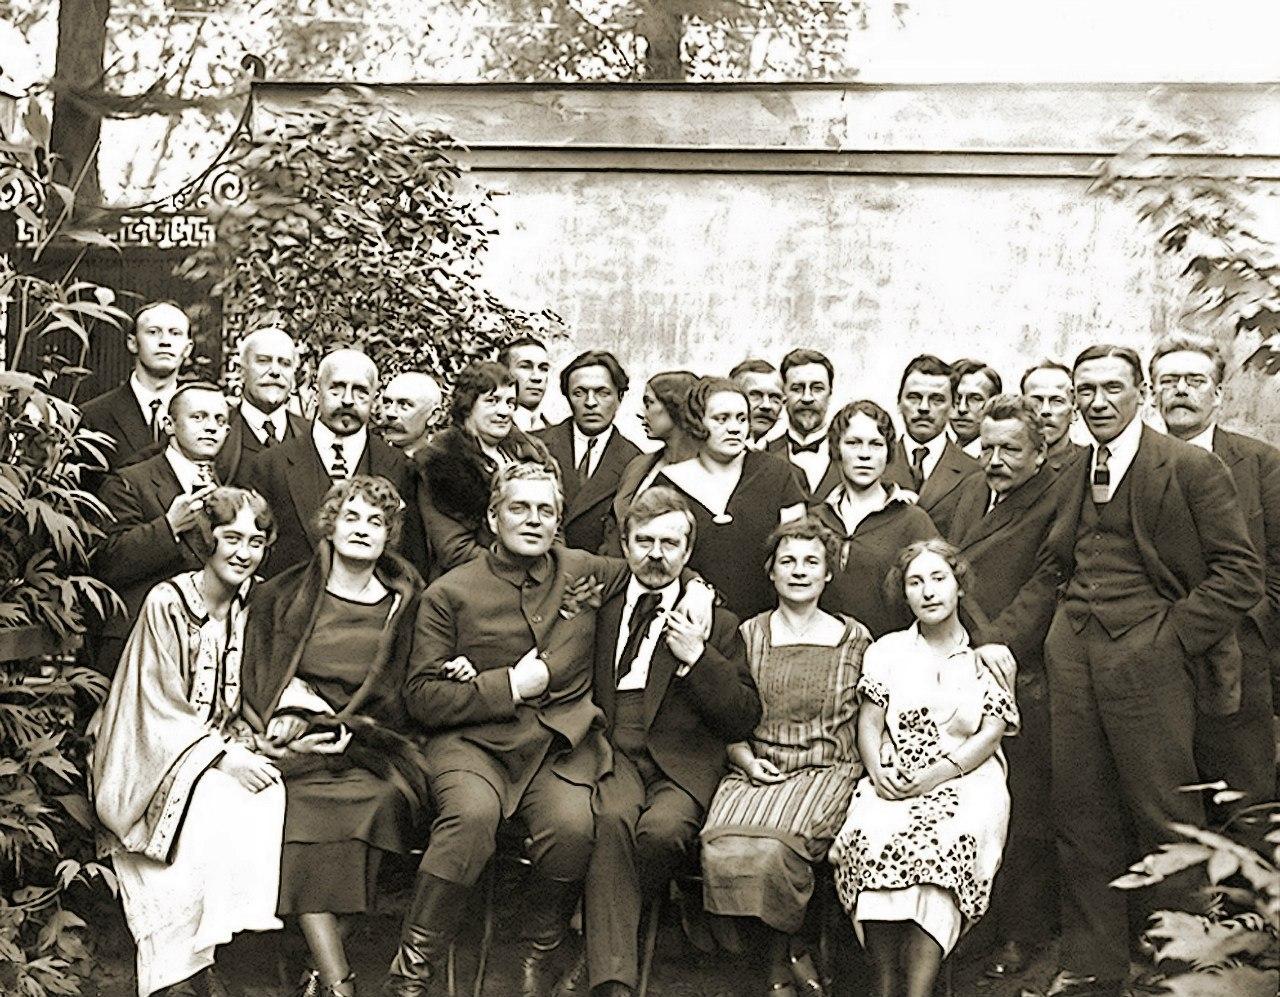 1921. Руководители и сотрудники Государственного фарфорового и стеклянного завода во дворе предприятия